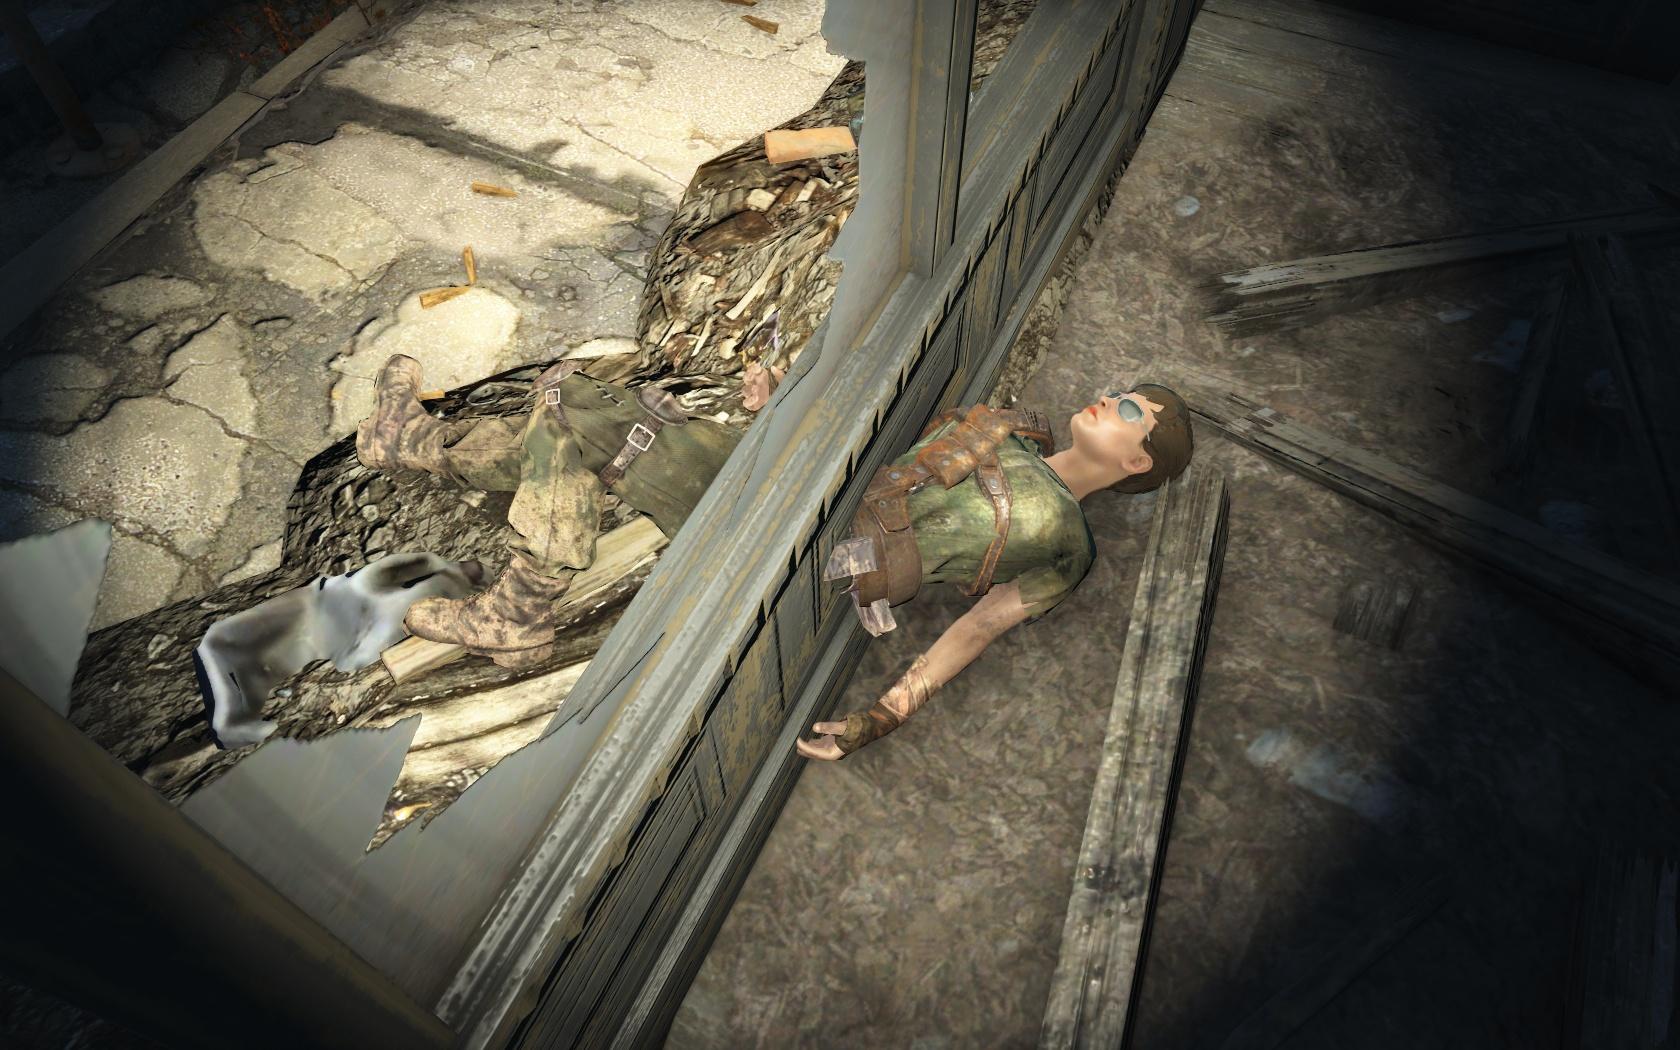 Страшная смерть (Гравий и песок, западнее) - Fallout 4 Баг, Гравий и песок